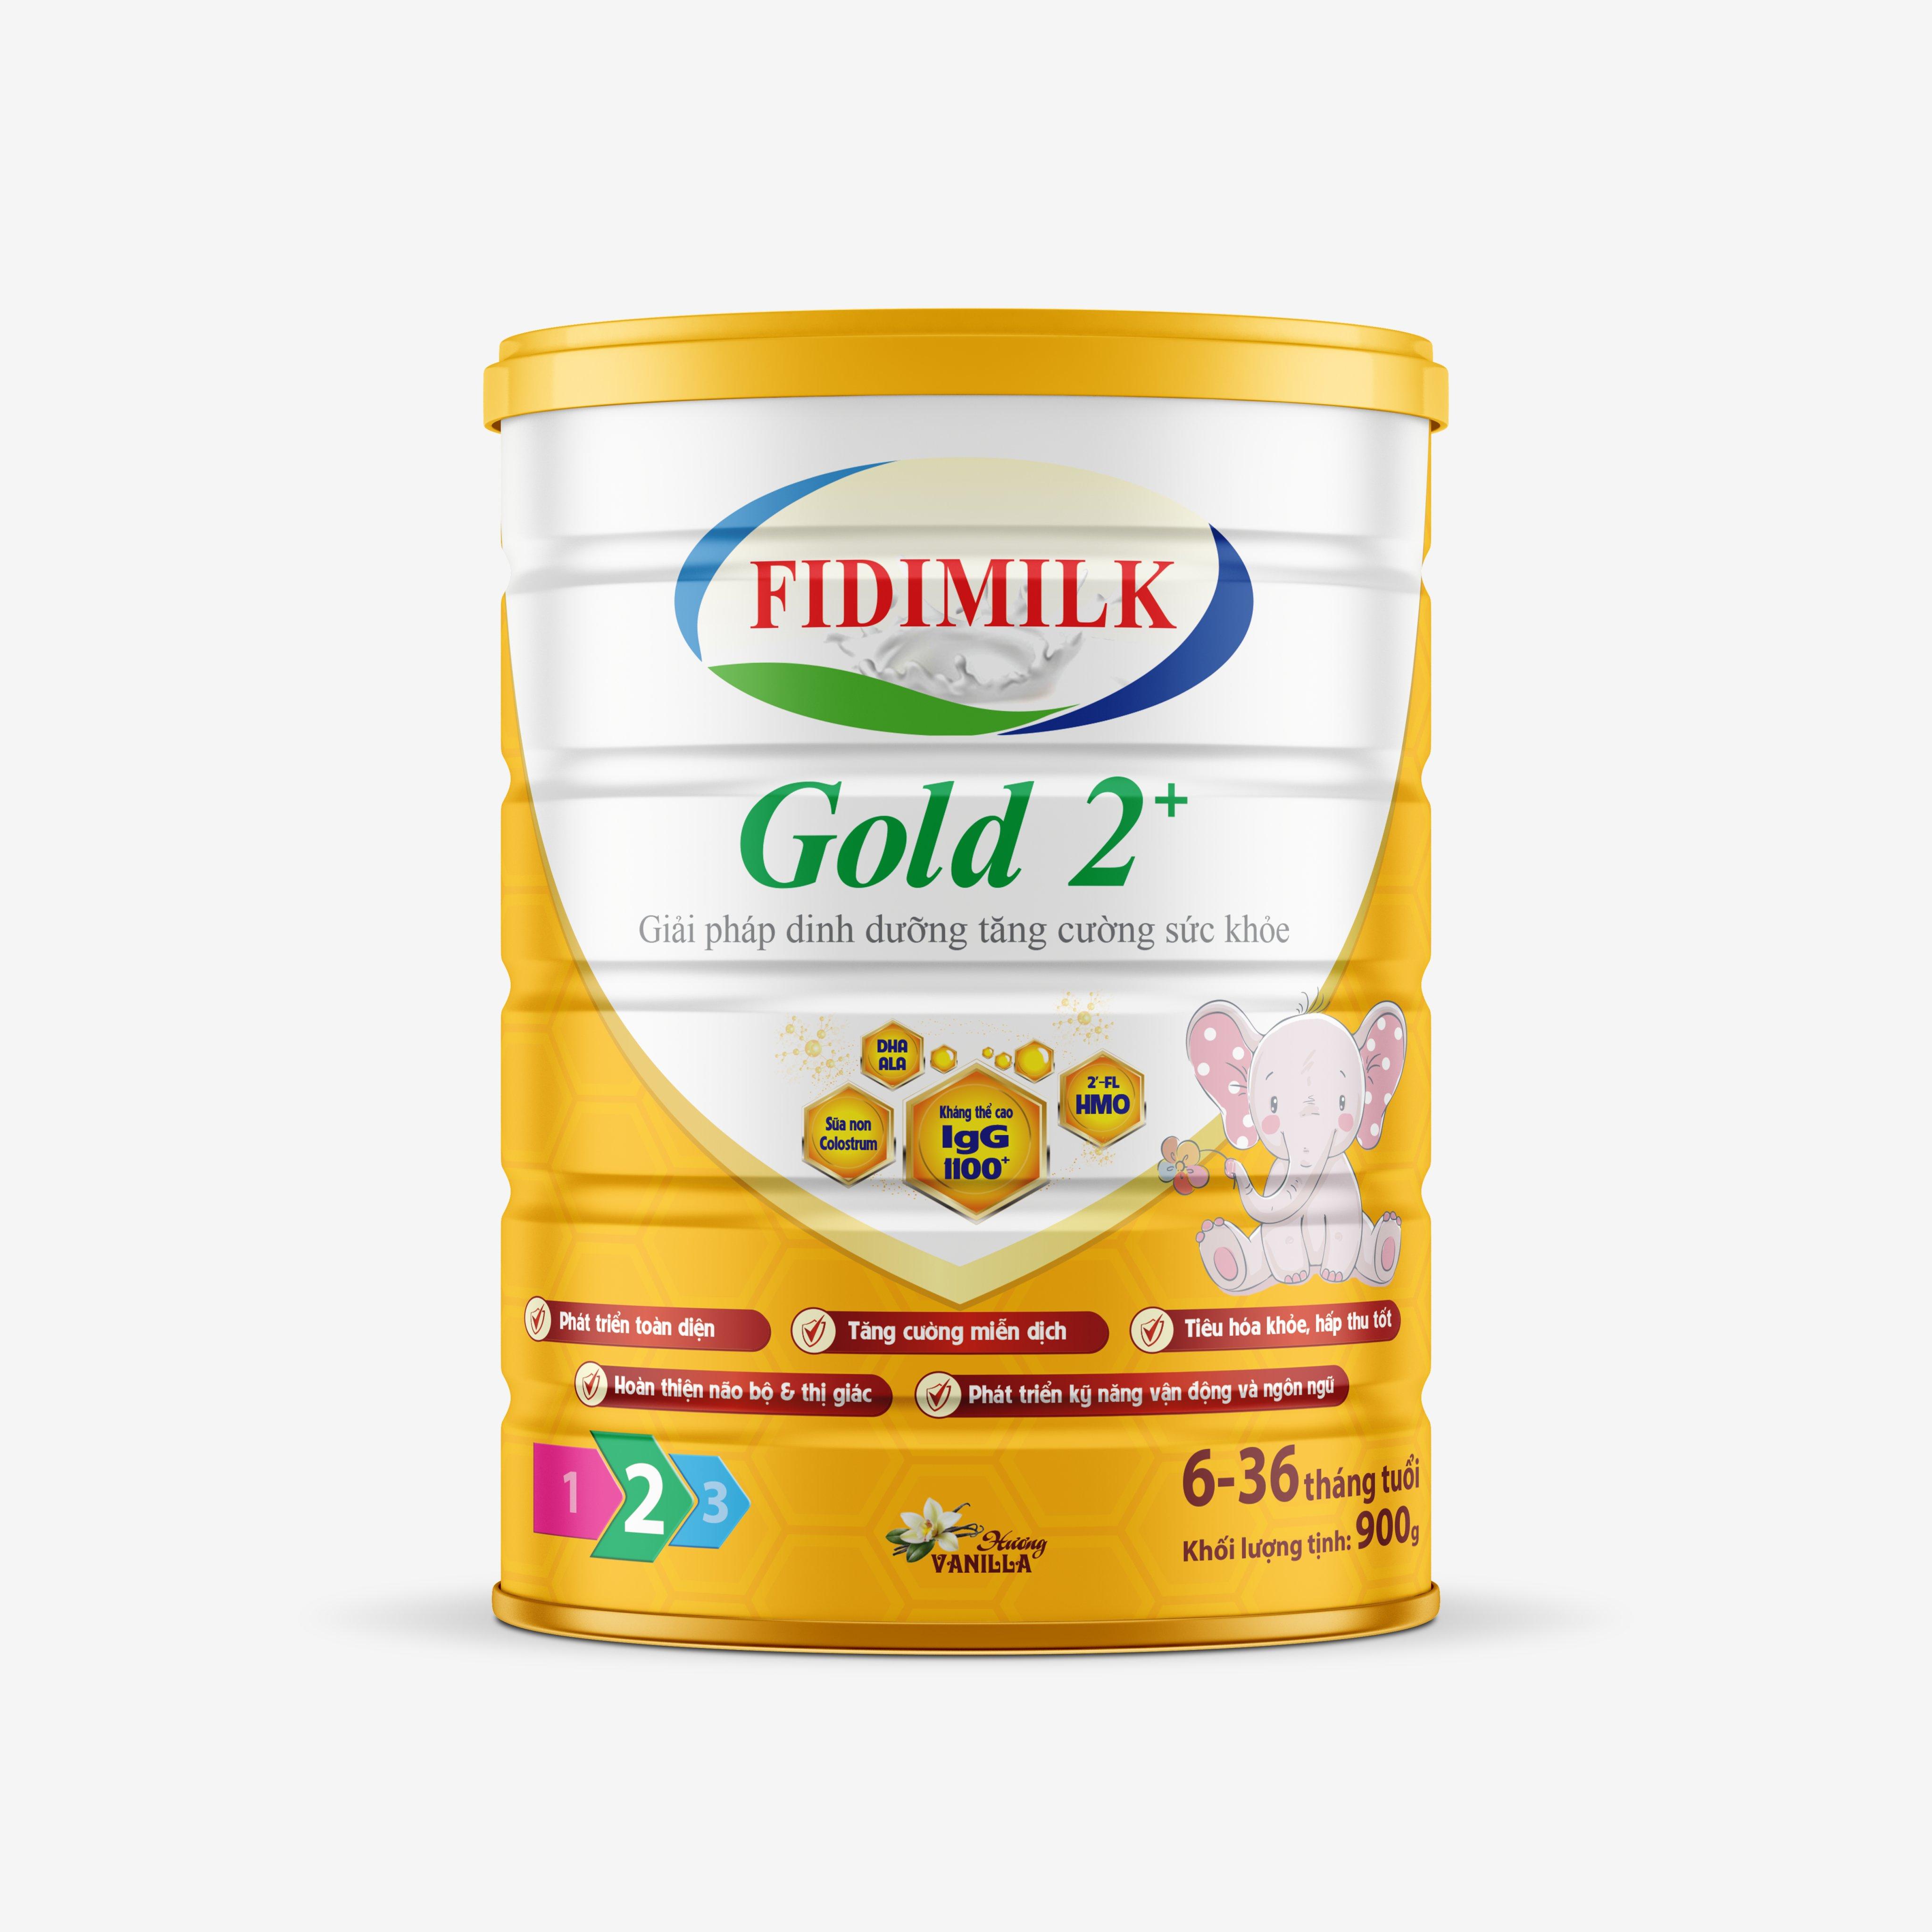 SỮA BỘT FIDIMILK GOLD 2+ 900G